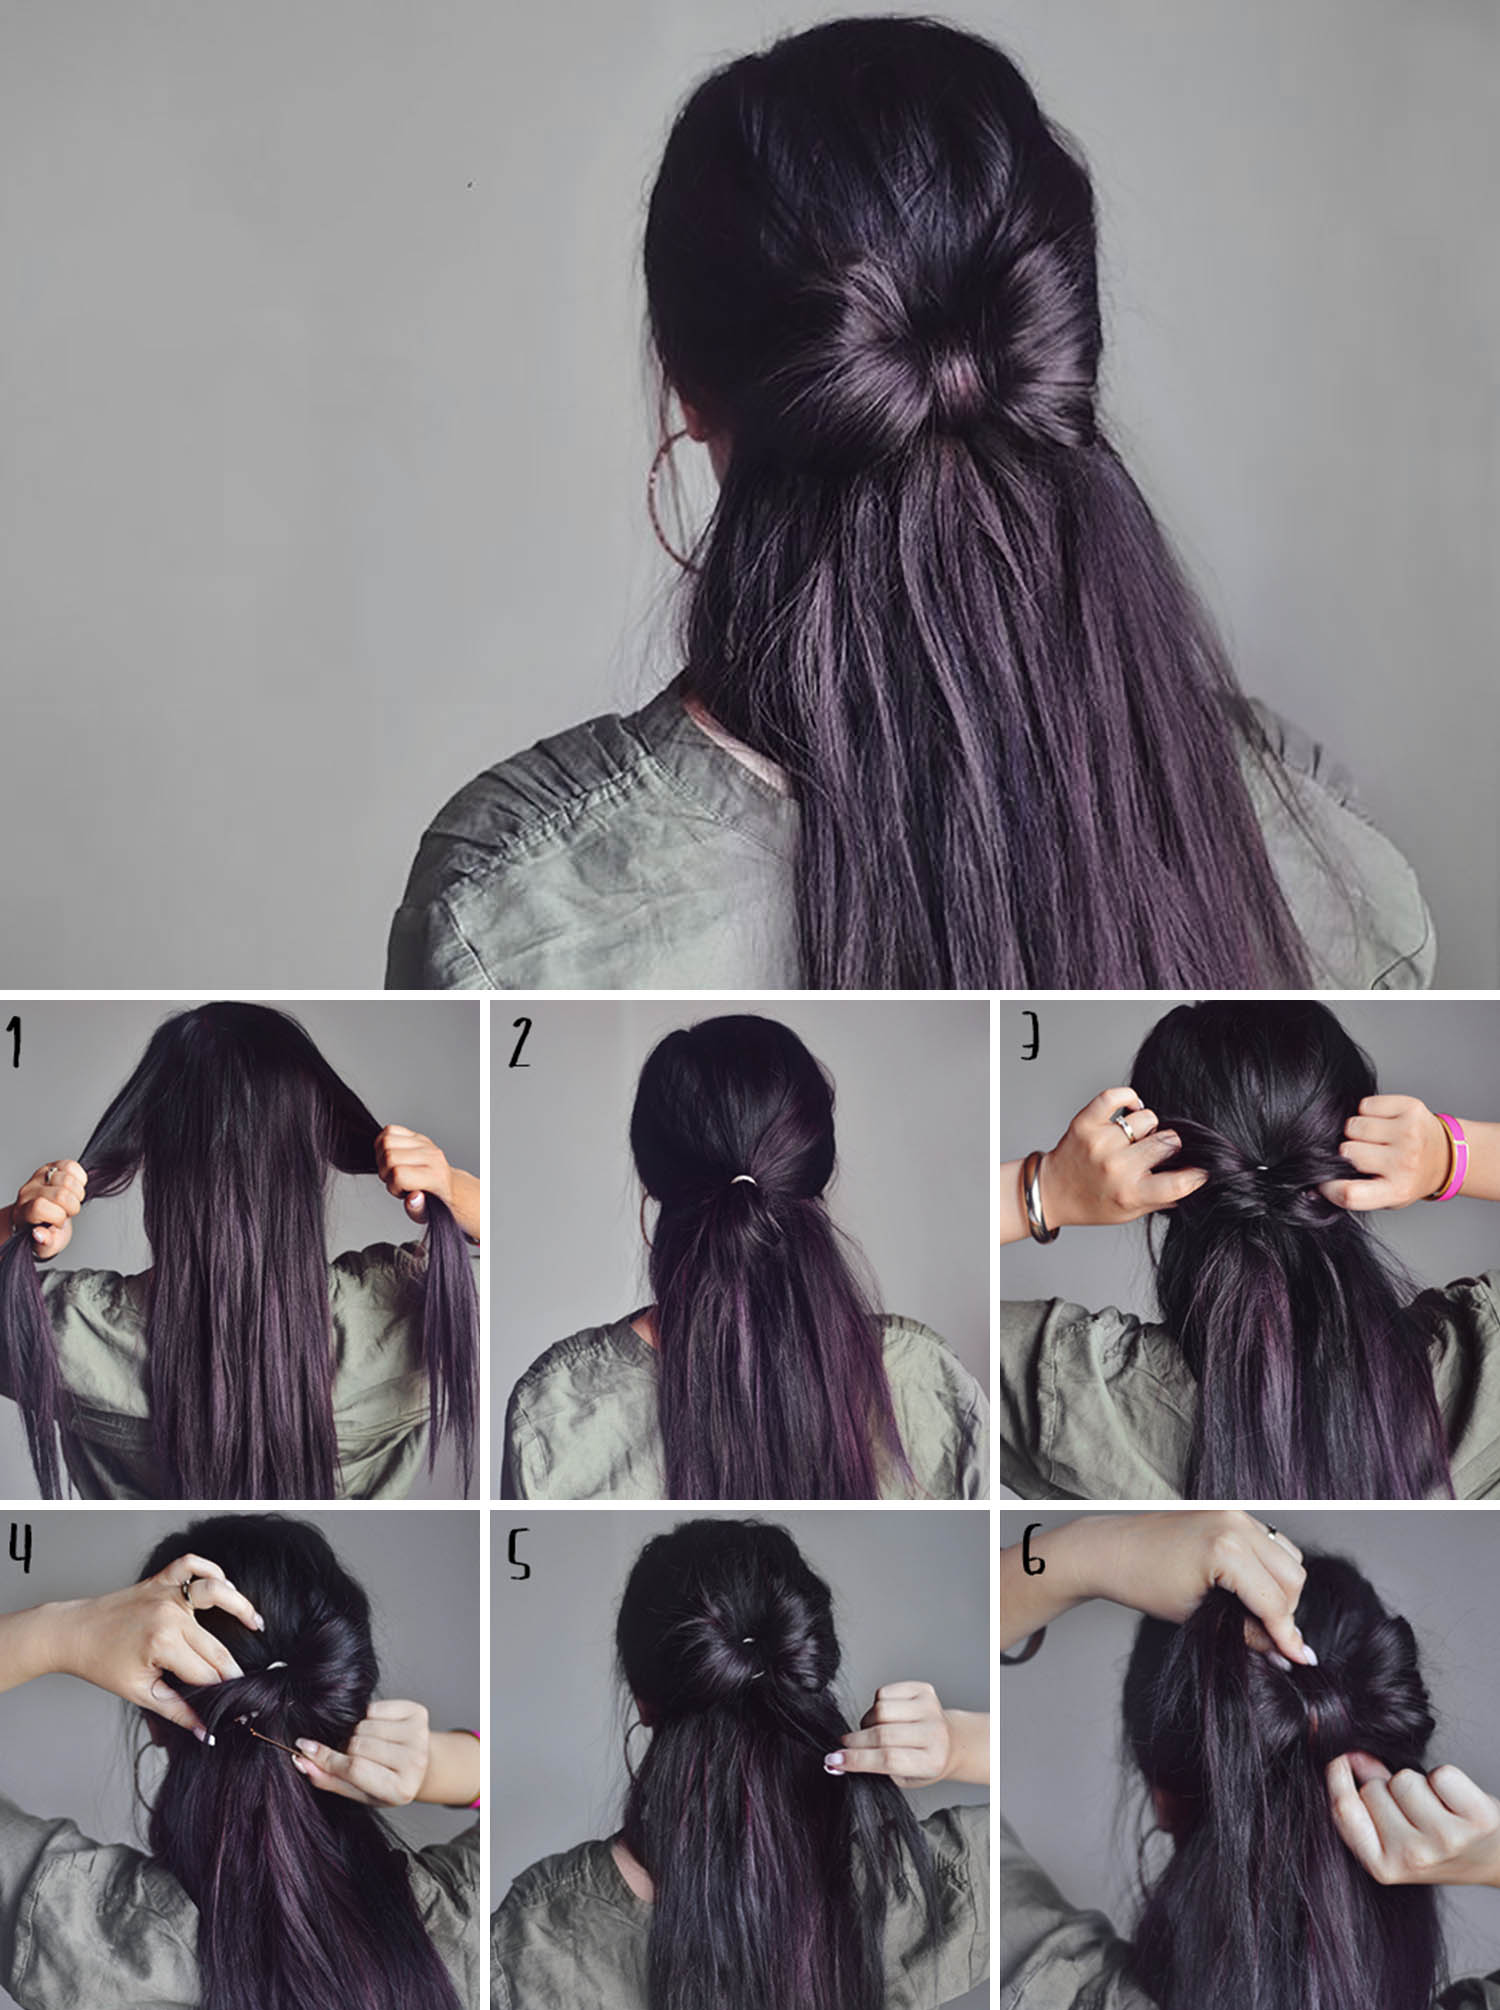 Adaras enkla och snygga frisyrer: Rosettfrisyr